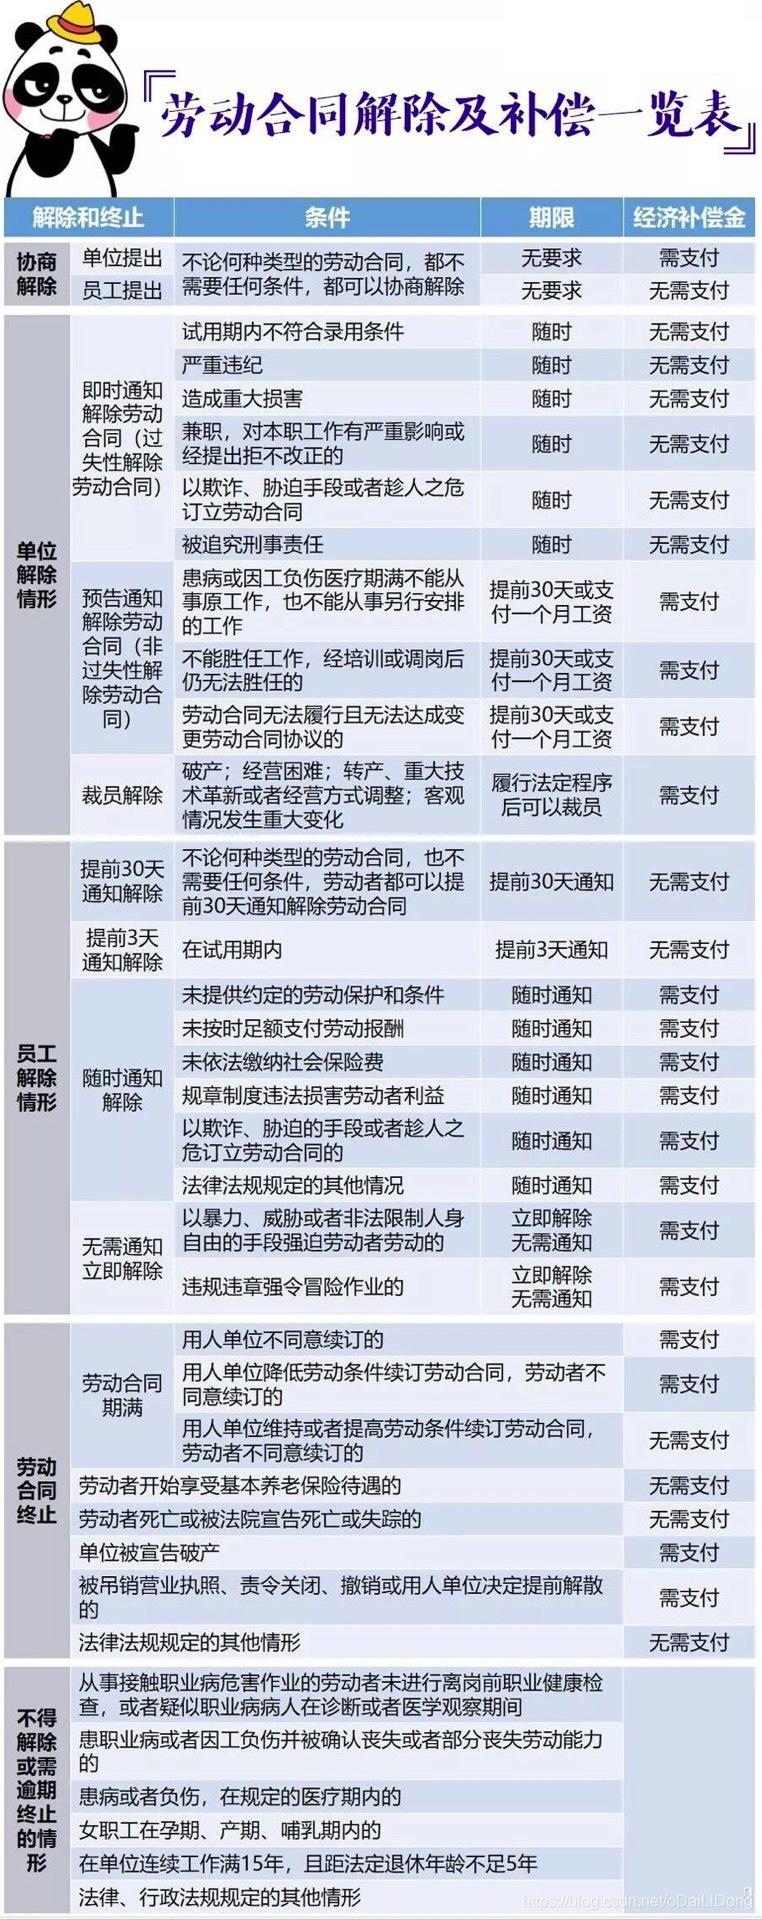 劳动合同解除及补偿一览表